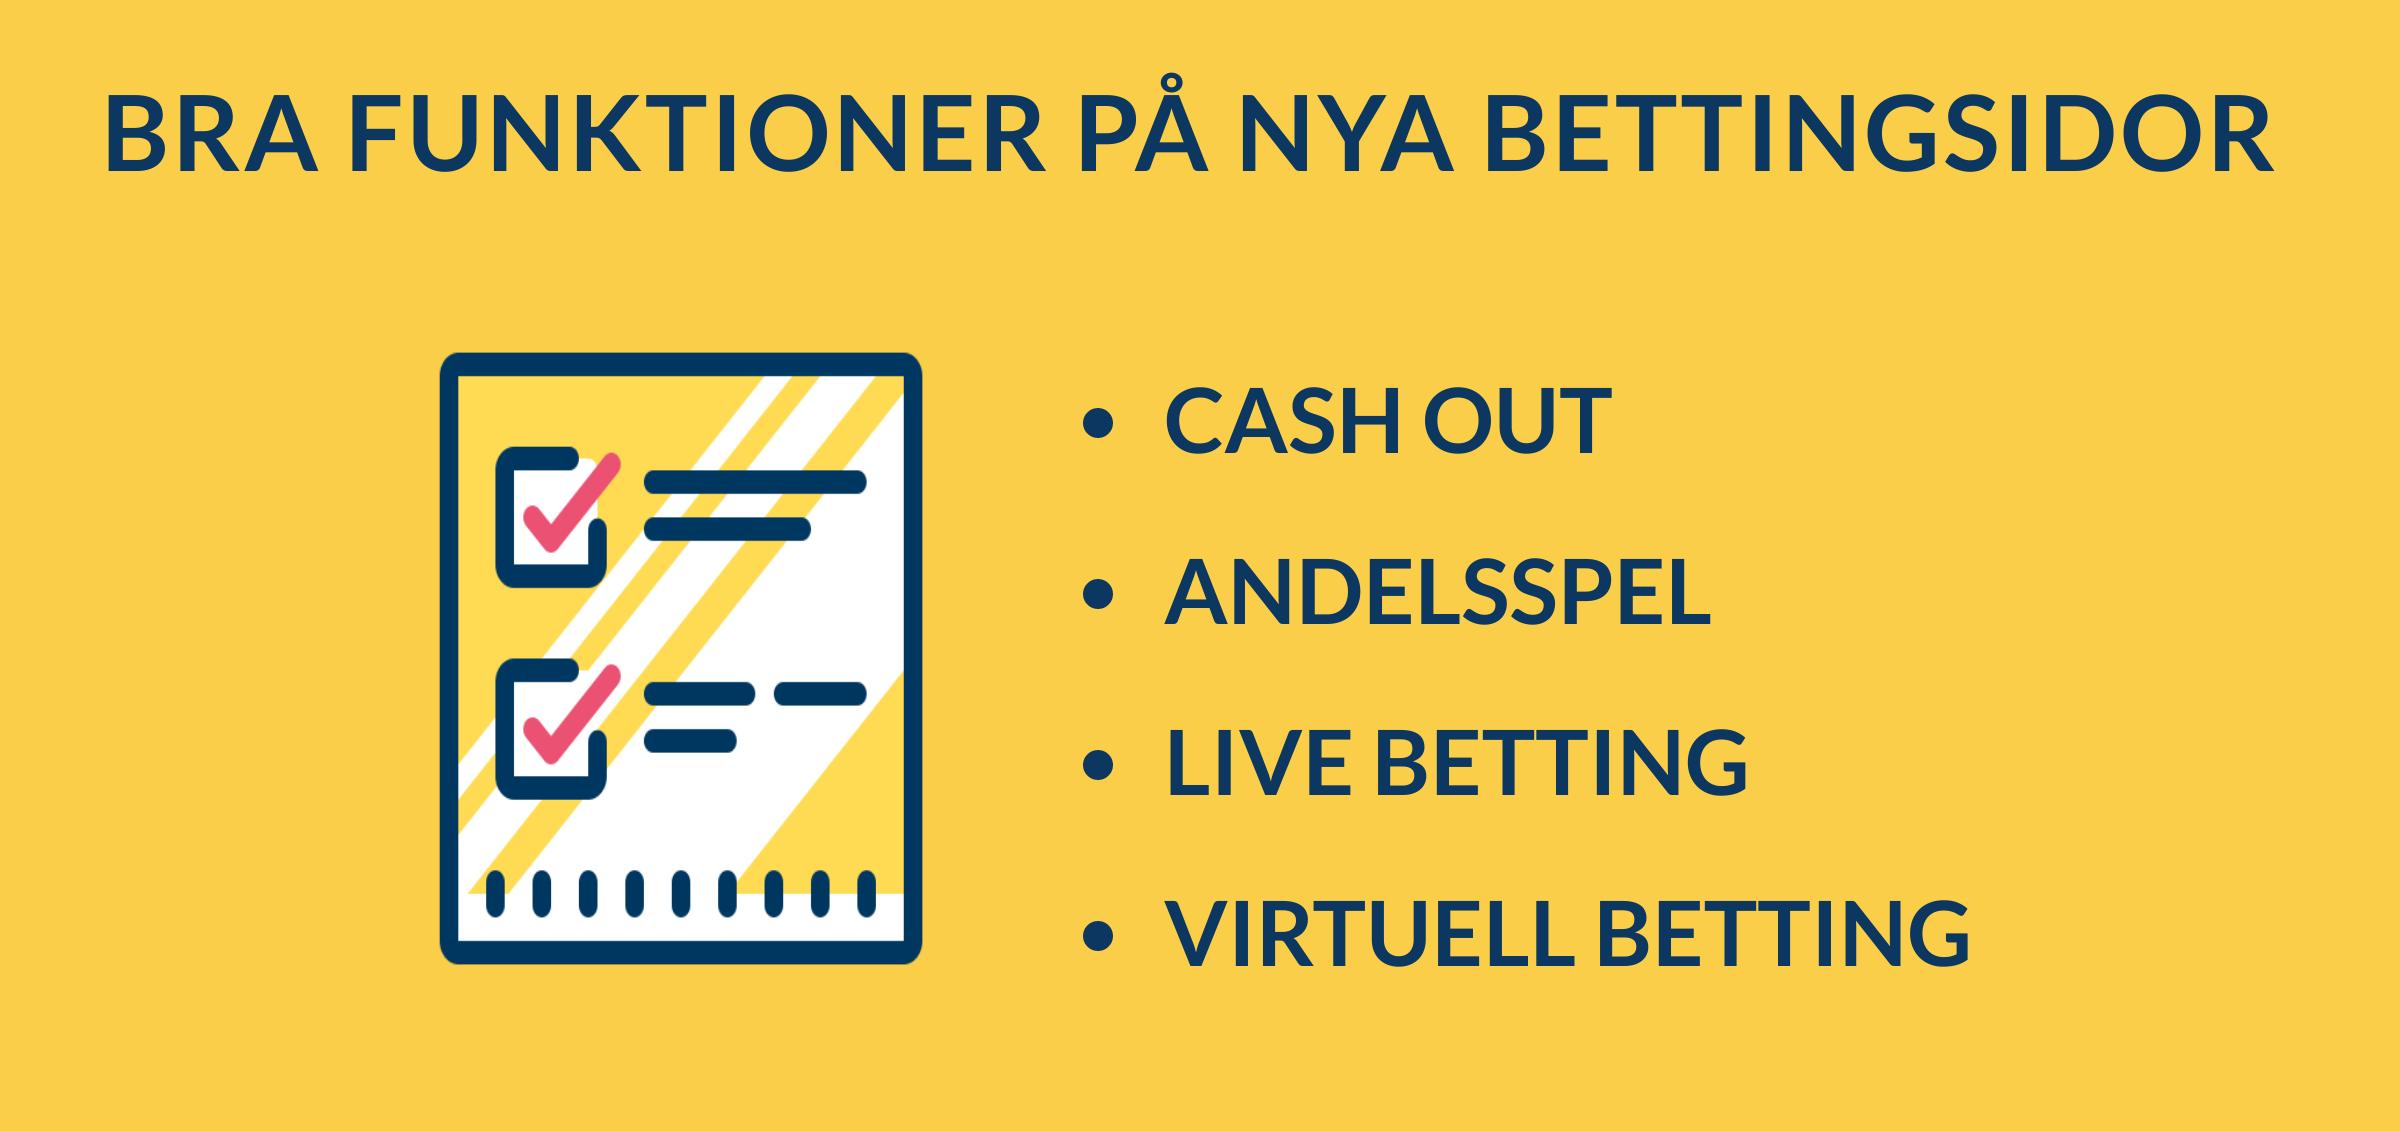 funktioner på nya bettingsidor casivo se